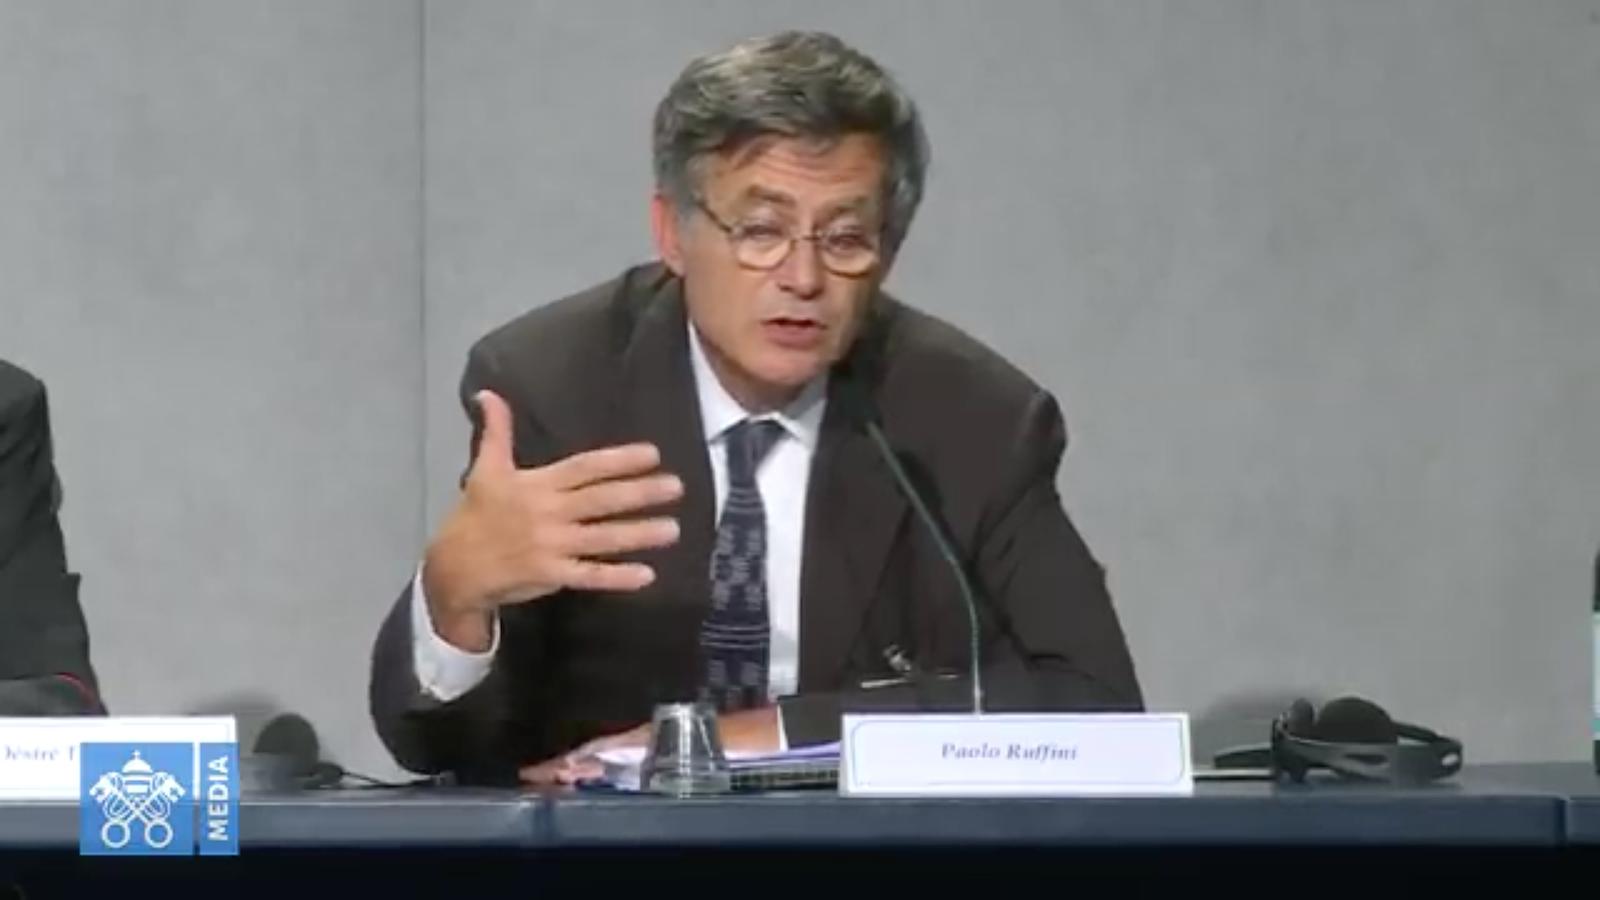 Tổng trưởng Bộ Truyền thông Vatican Paolo Ruffini làm nổi bật những nghị cụ thể của tài liệu đúc kết của Thượng Hội đồng 2018